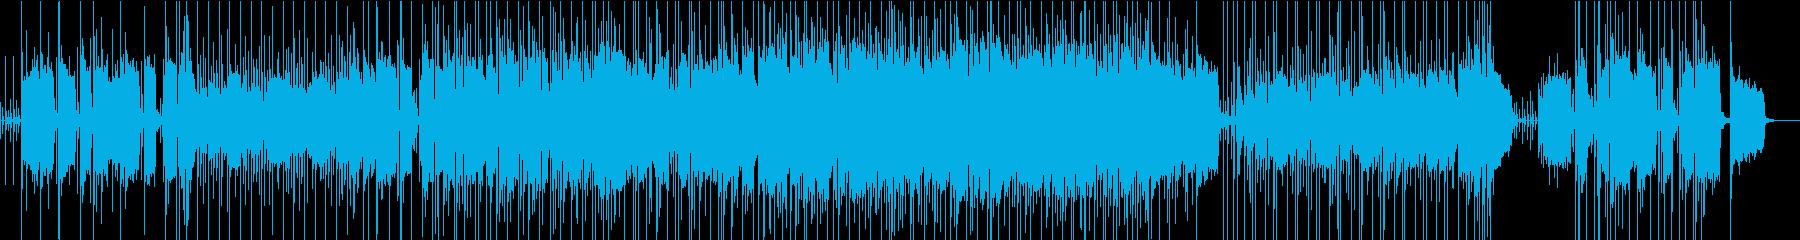 洋楽プログレロック、ハード目の再生済みの波形